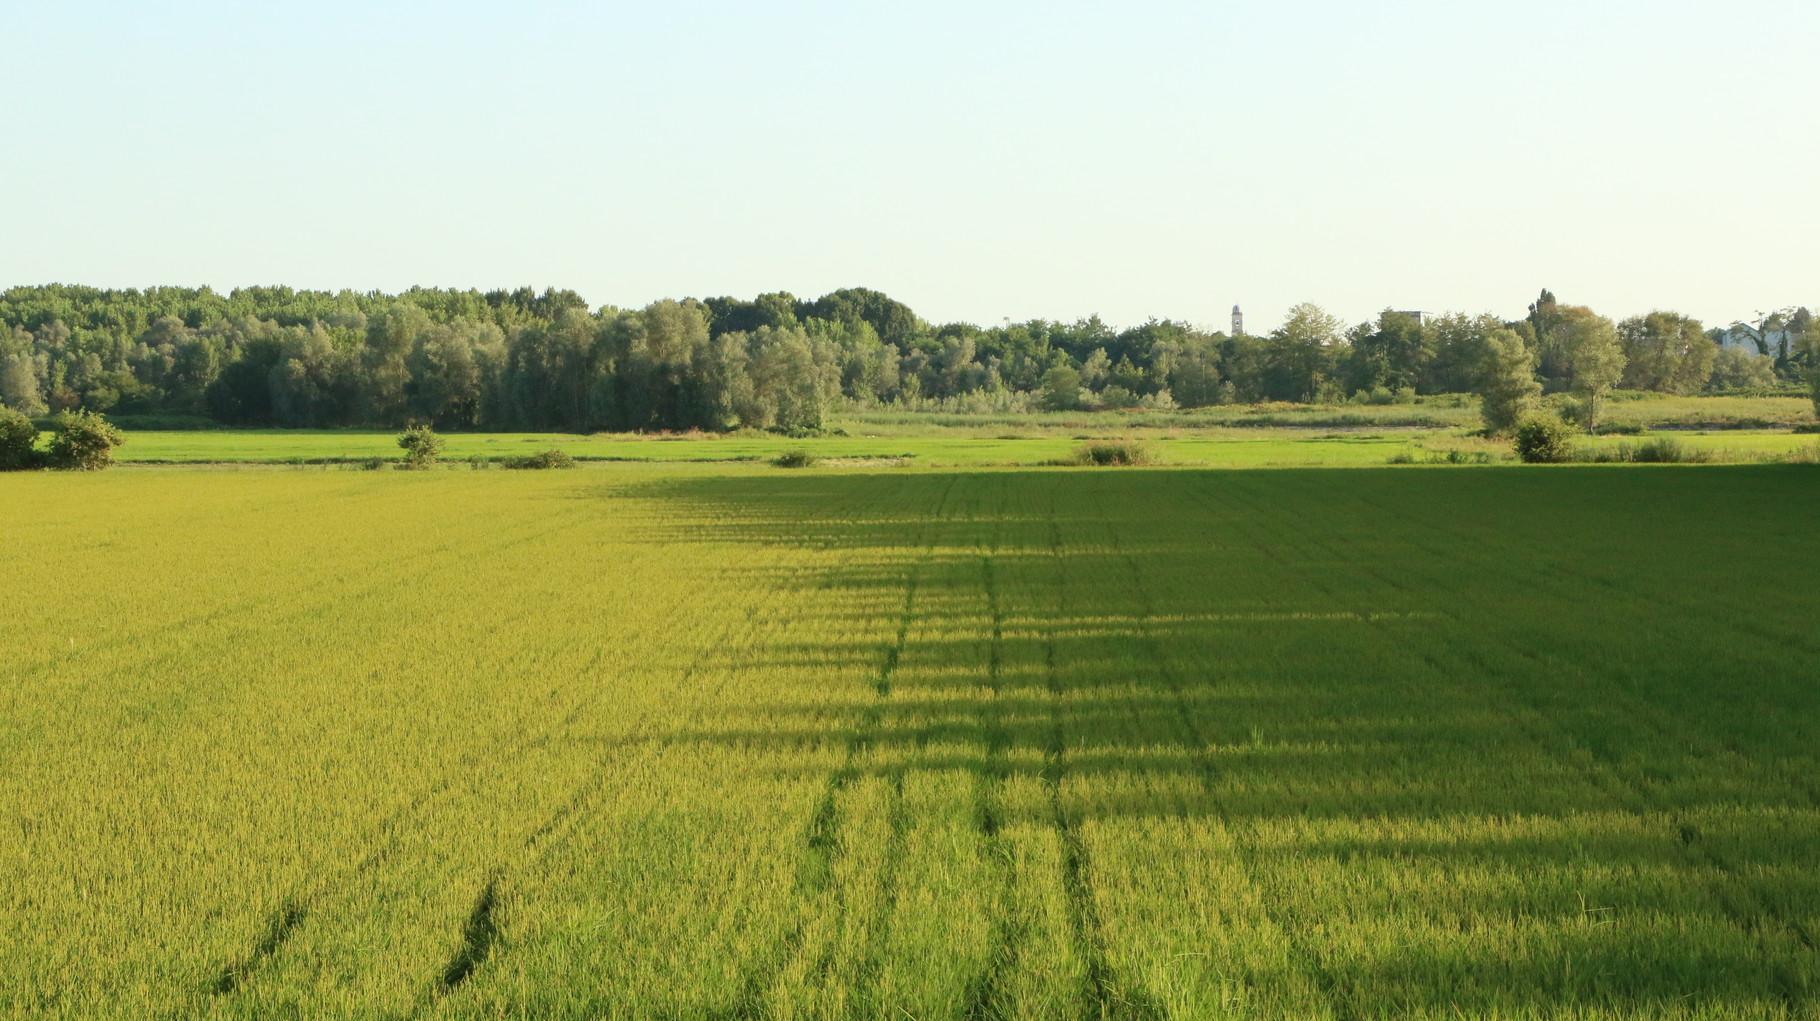 Tappa 14: Pavia - Santa Cristina | 27,9 km